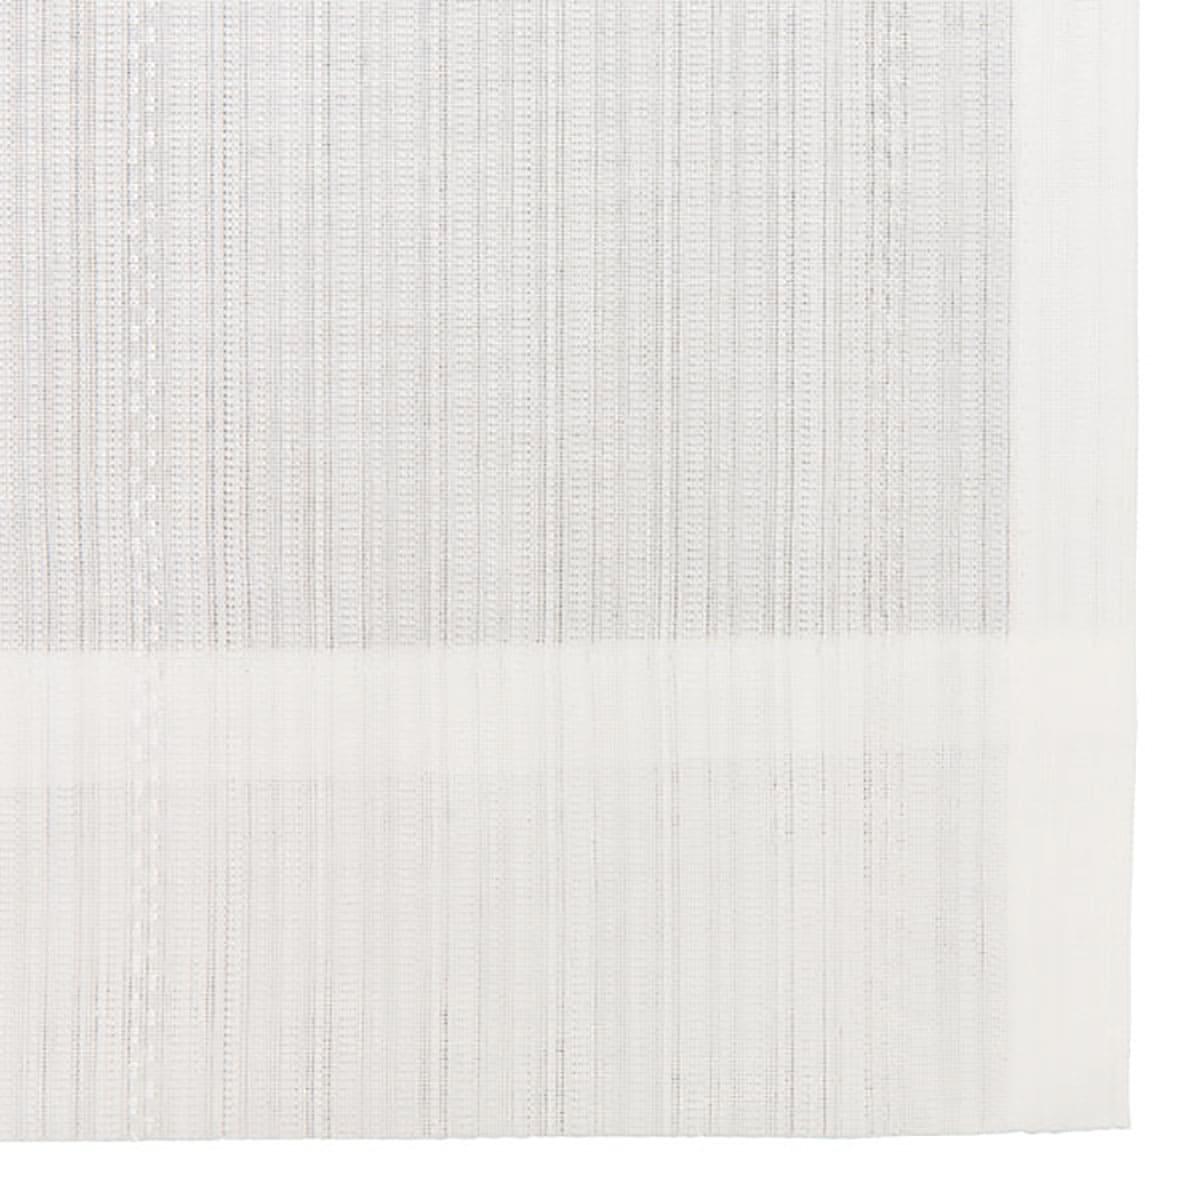 【玄関先迄納品】 (1枚入り) (エコオアシスアンモル 100X198X1) ニトリ 〔合計金額7560円以上送料無料対象商品〕 遮熱・ミラー・抗カビレースカーテン